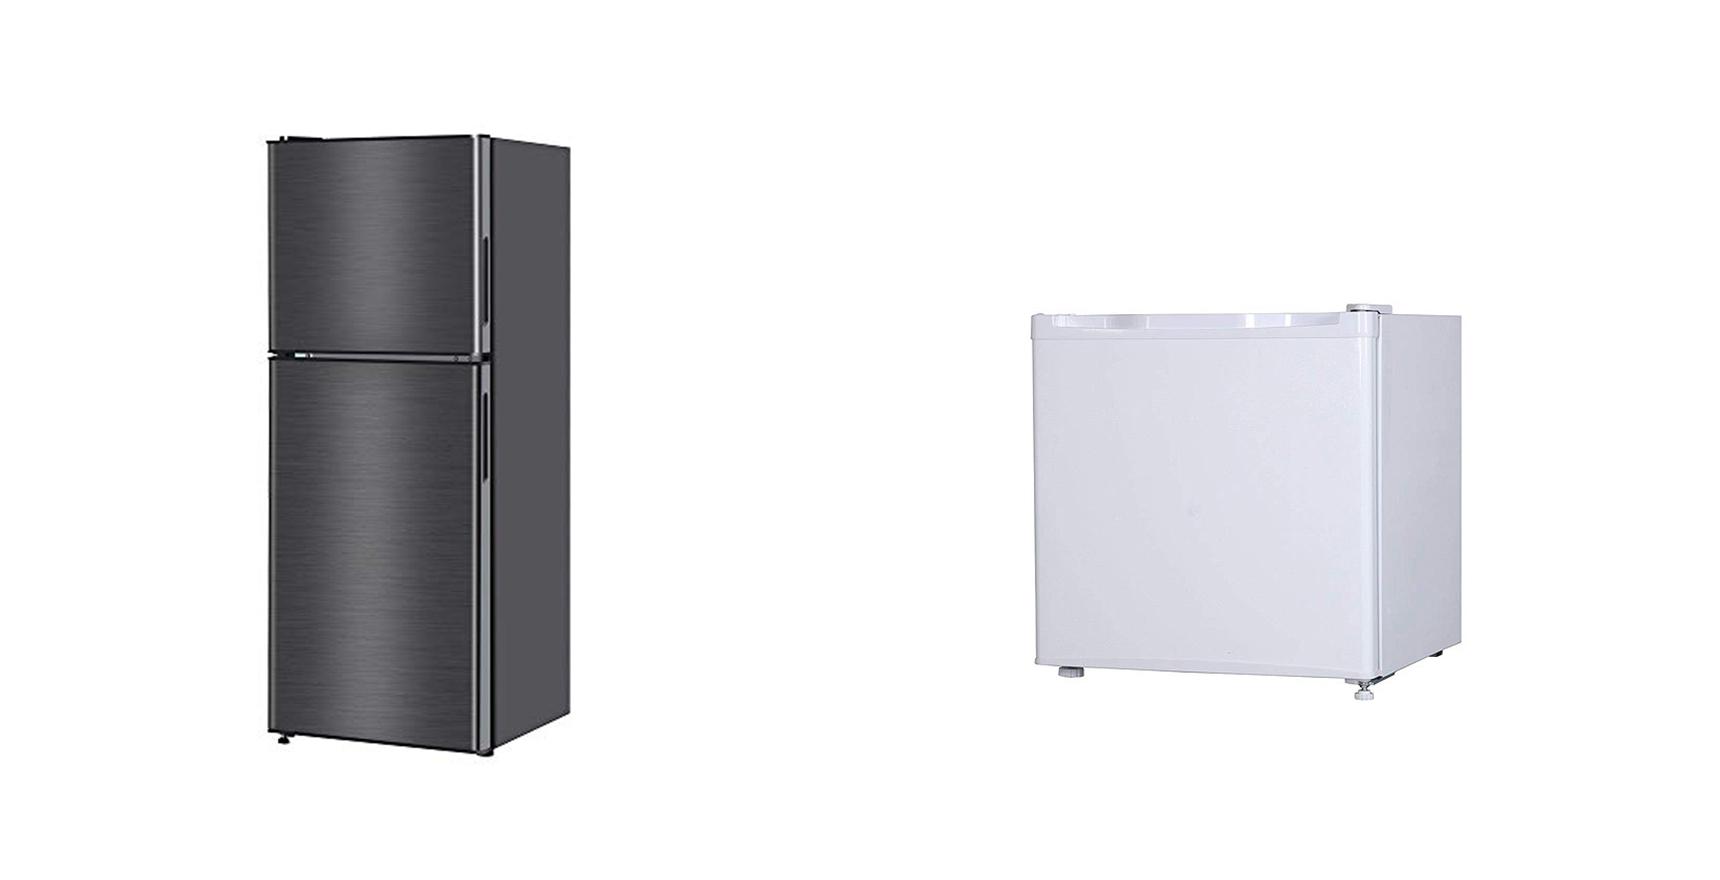 マクスゼン(MAXZEN)の冷蔵庫